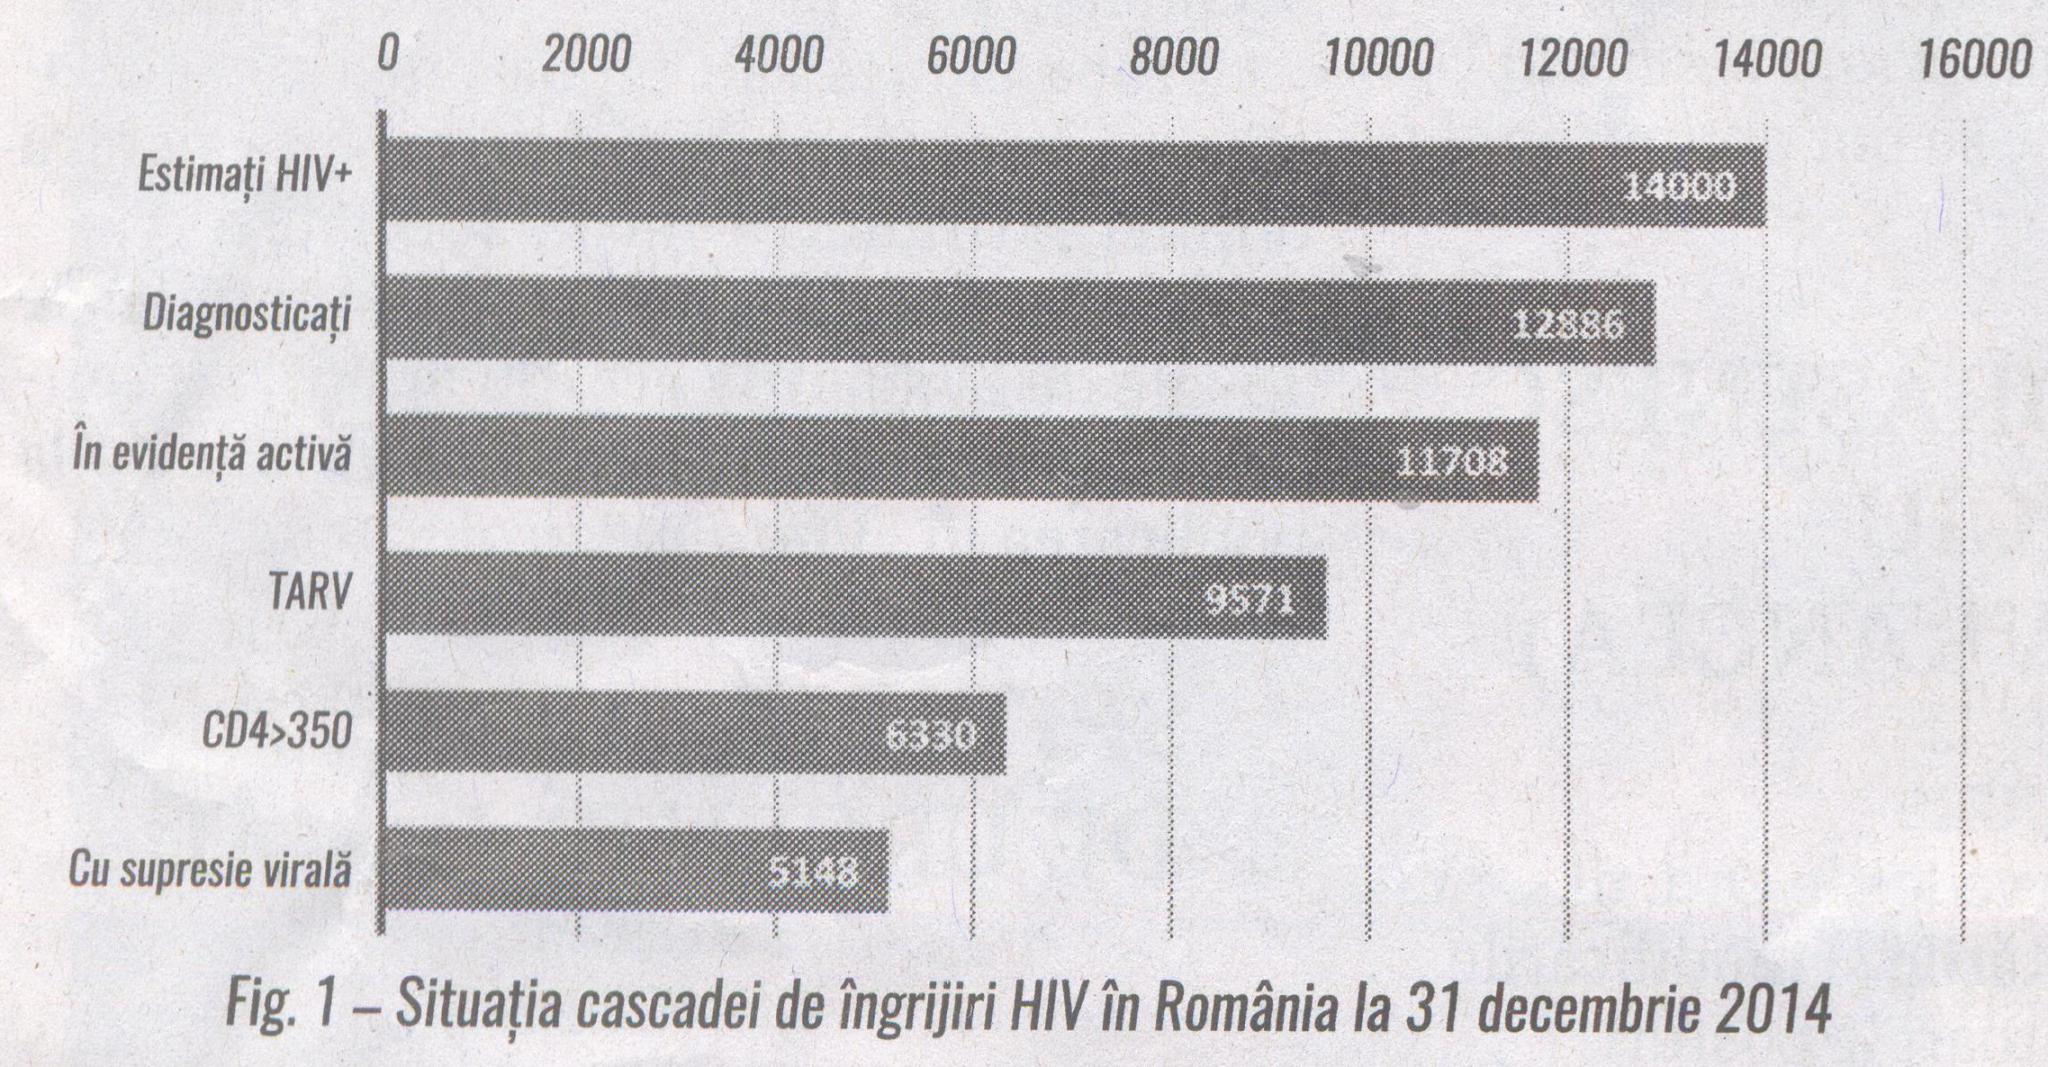 Fig.1 Situatia cascadei de ingrijiri HIV in Romania la 31.12.2016